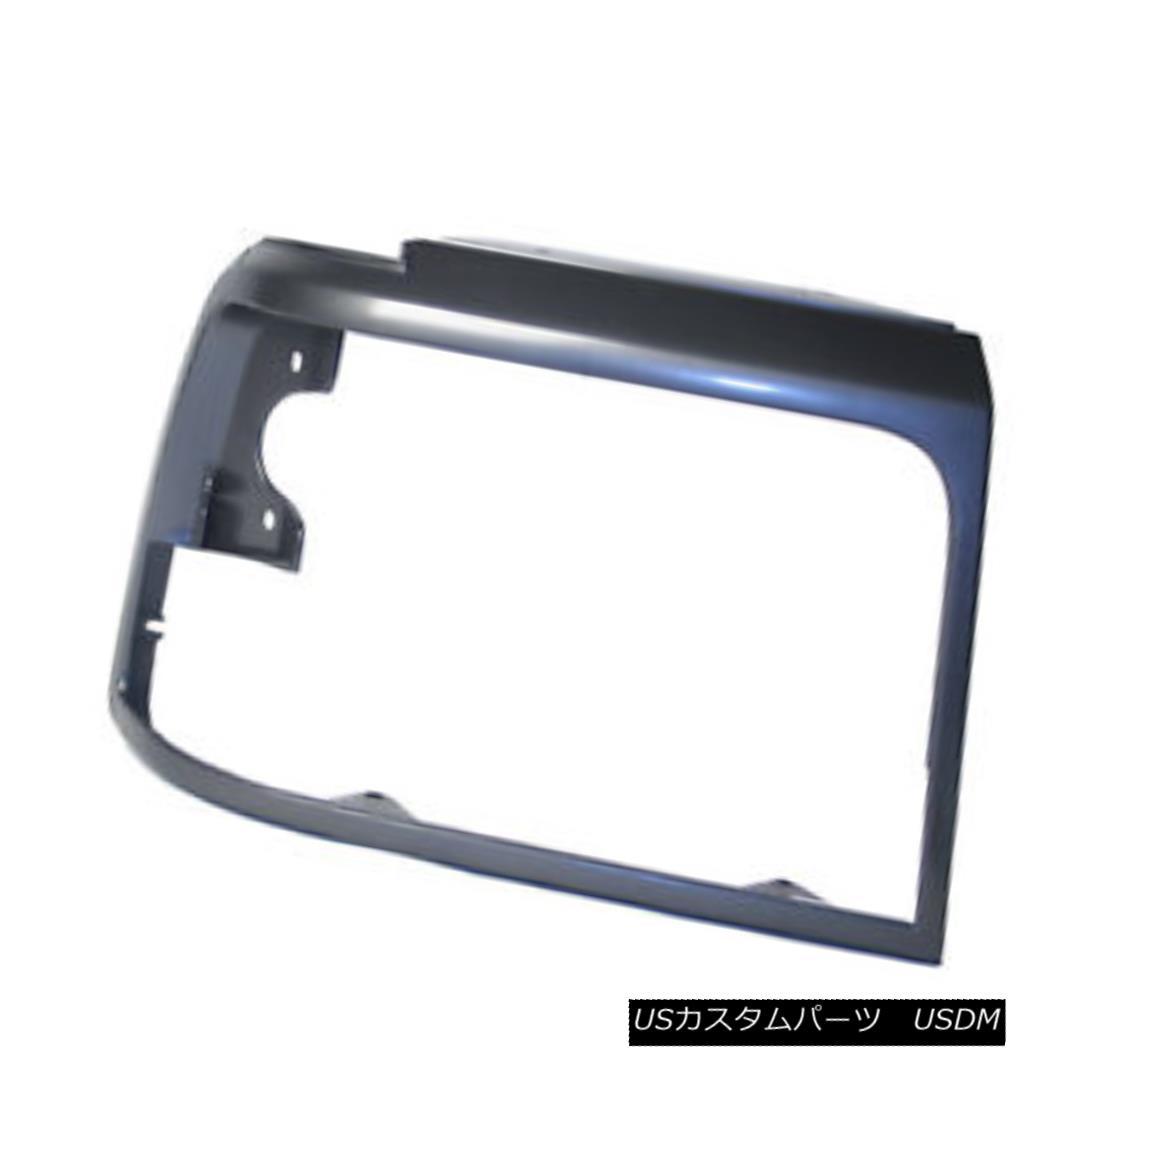 グリル New Replacement Headlight Door Silver & Grey Passenger Side 630-009530B Value 新しい交換ヘッドライトドアシルバー& グレーの旅客側630-009530B値